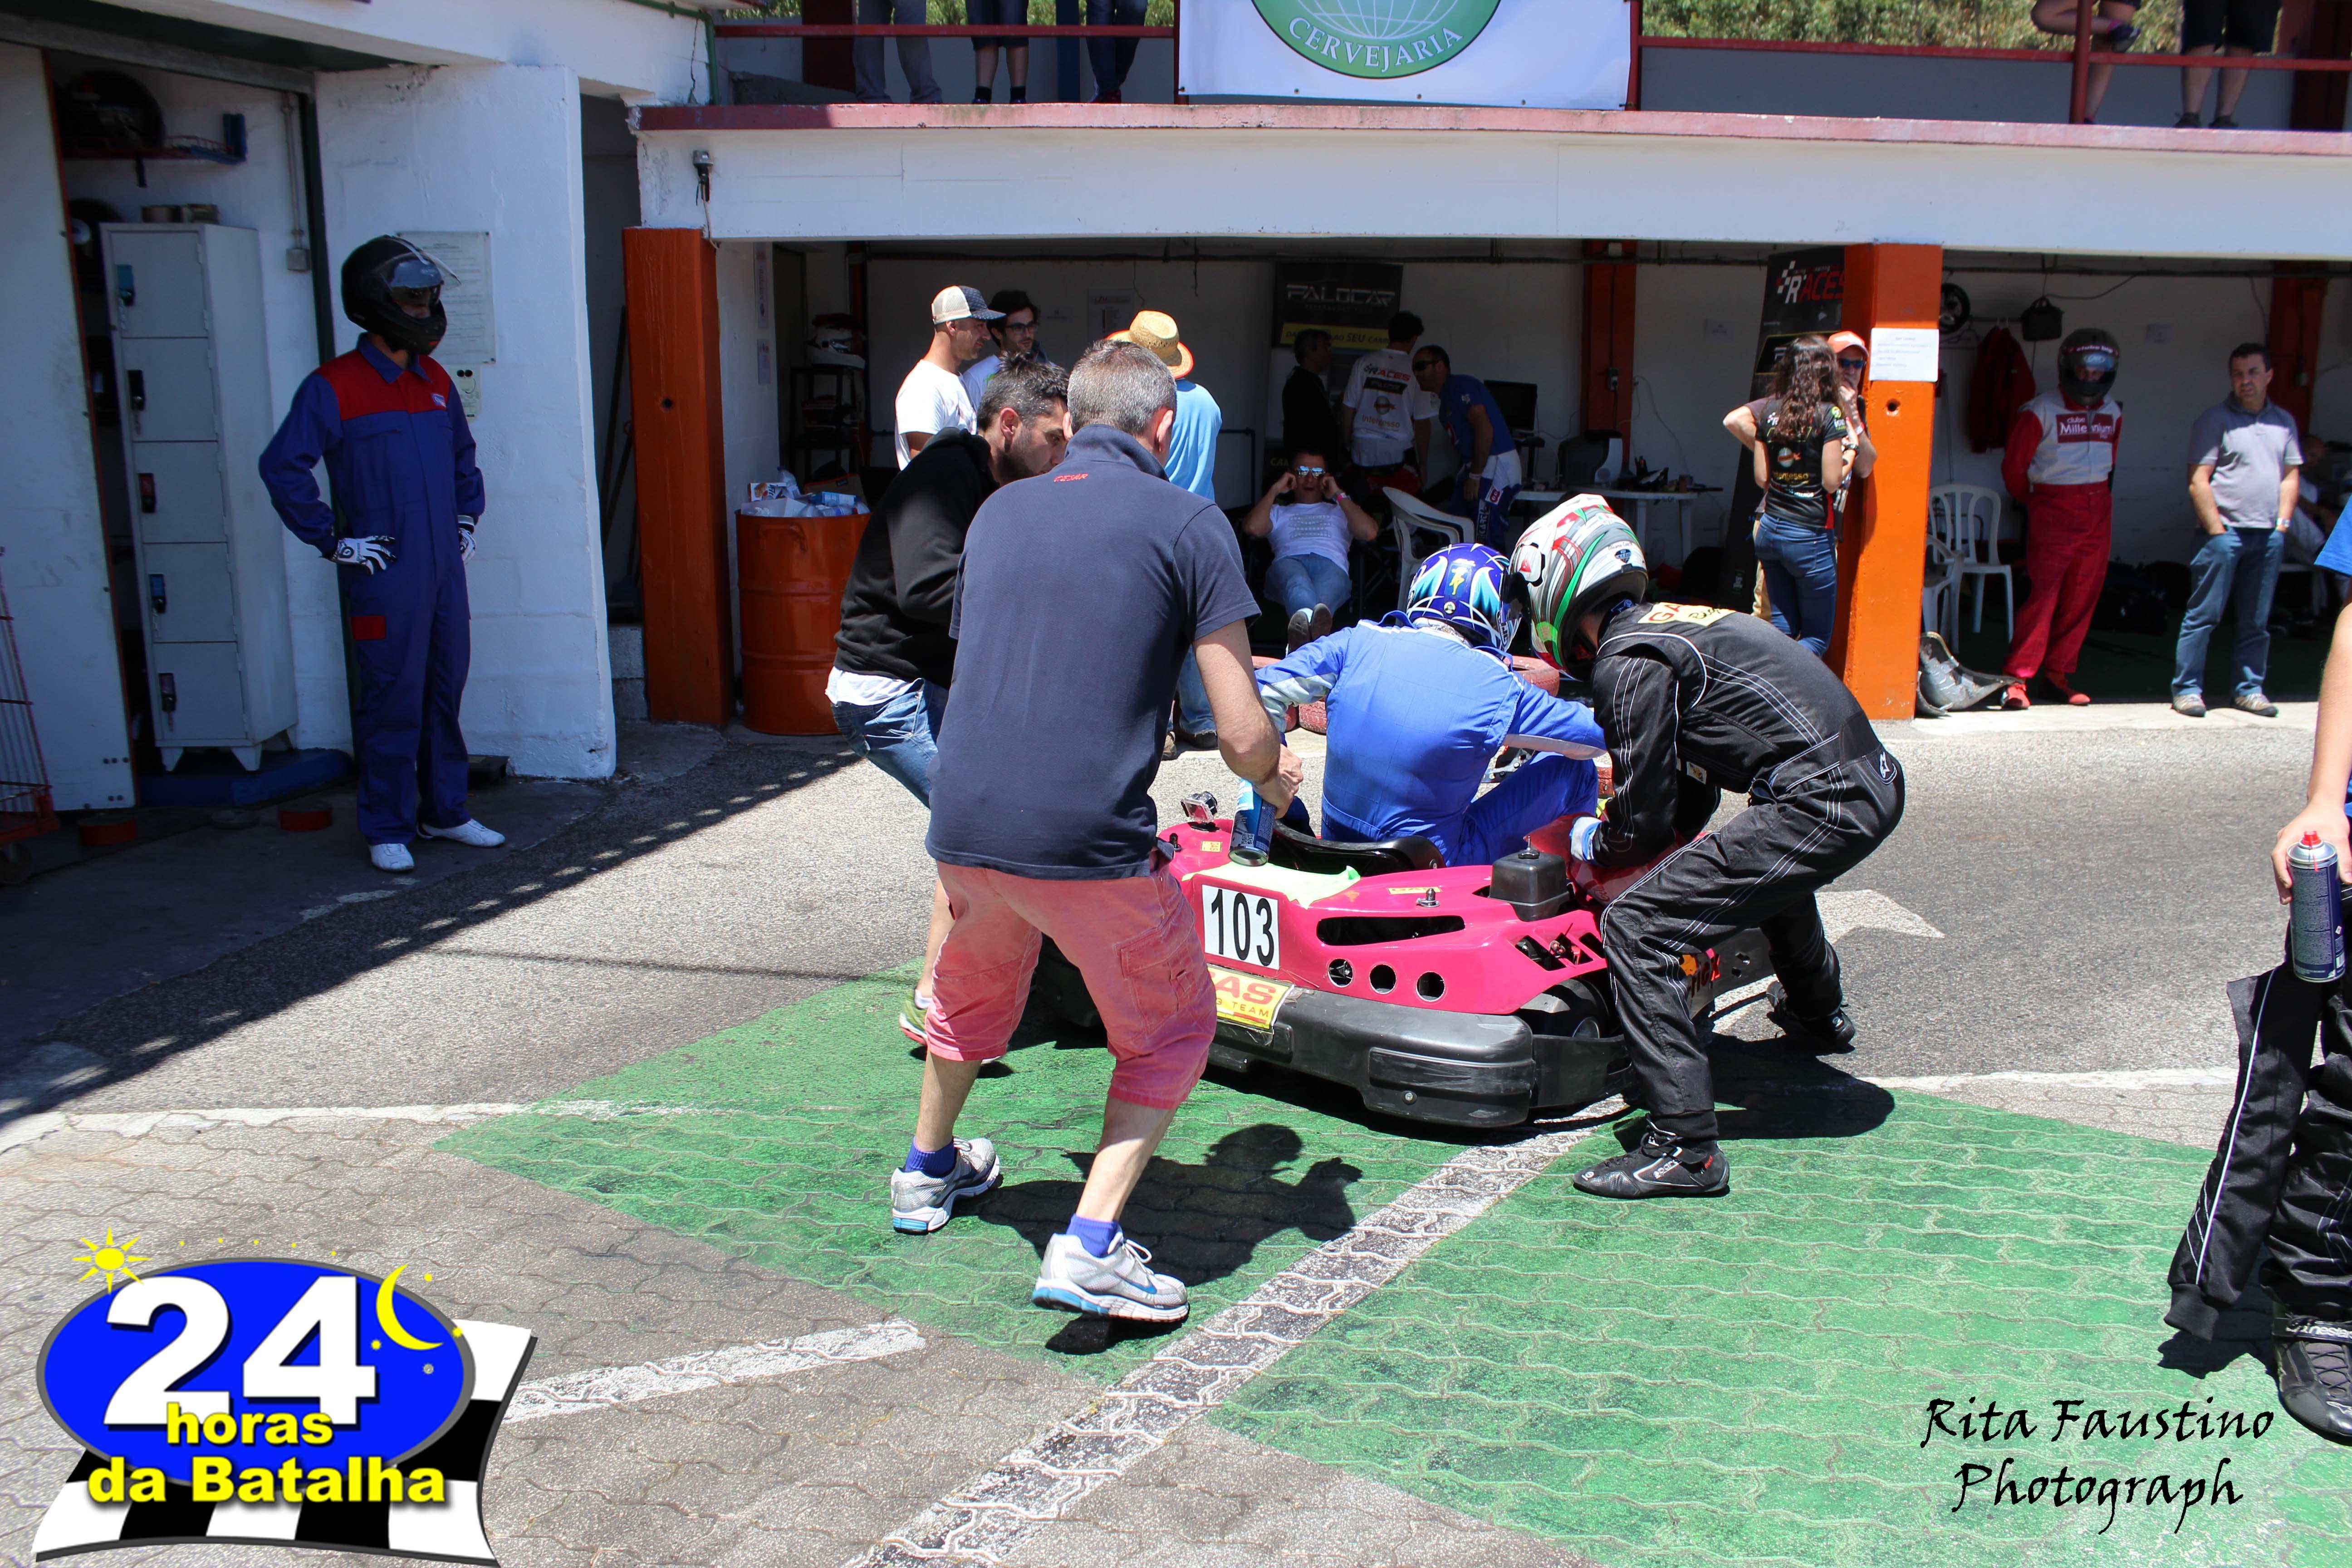 24 Horas da Batalha 2015 - Troca de pilotos87